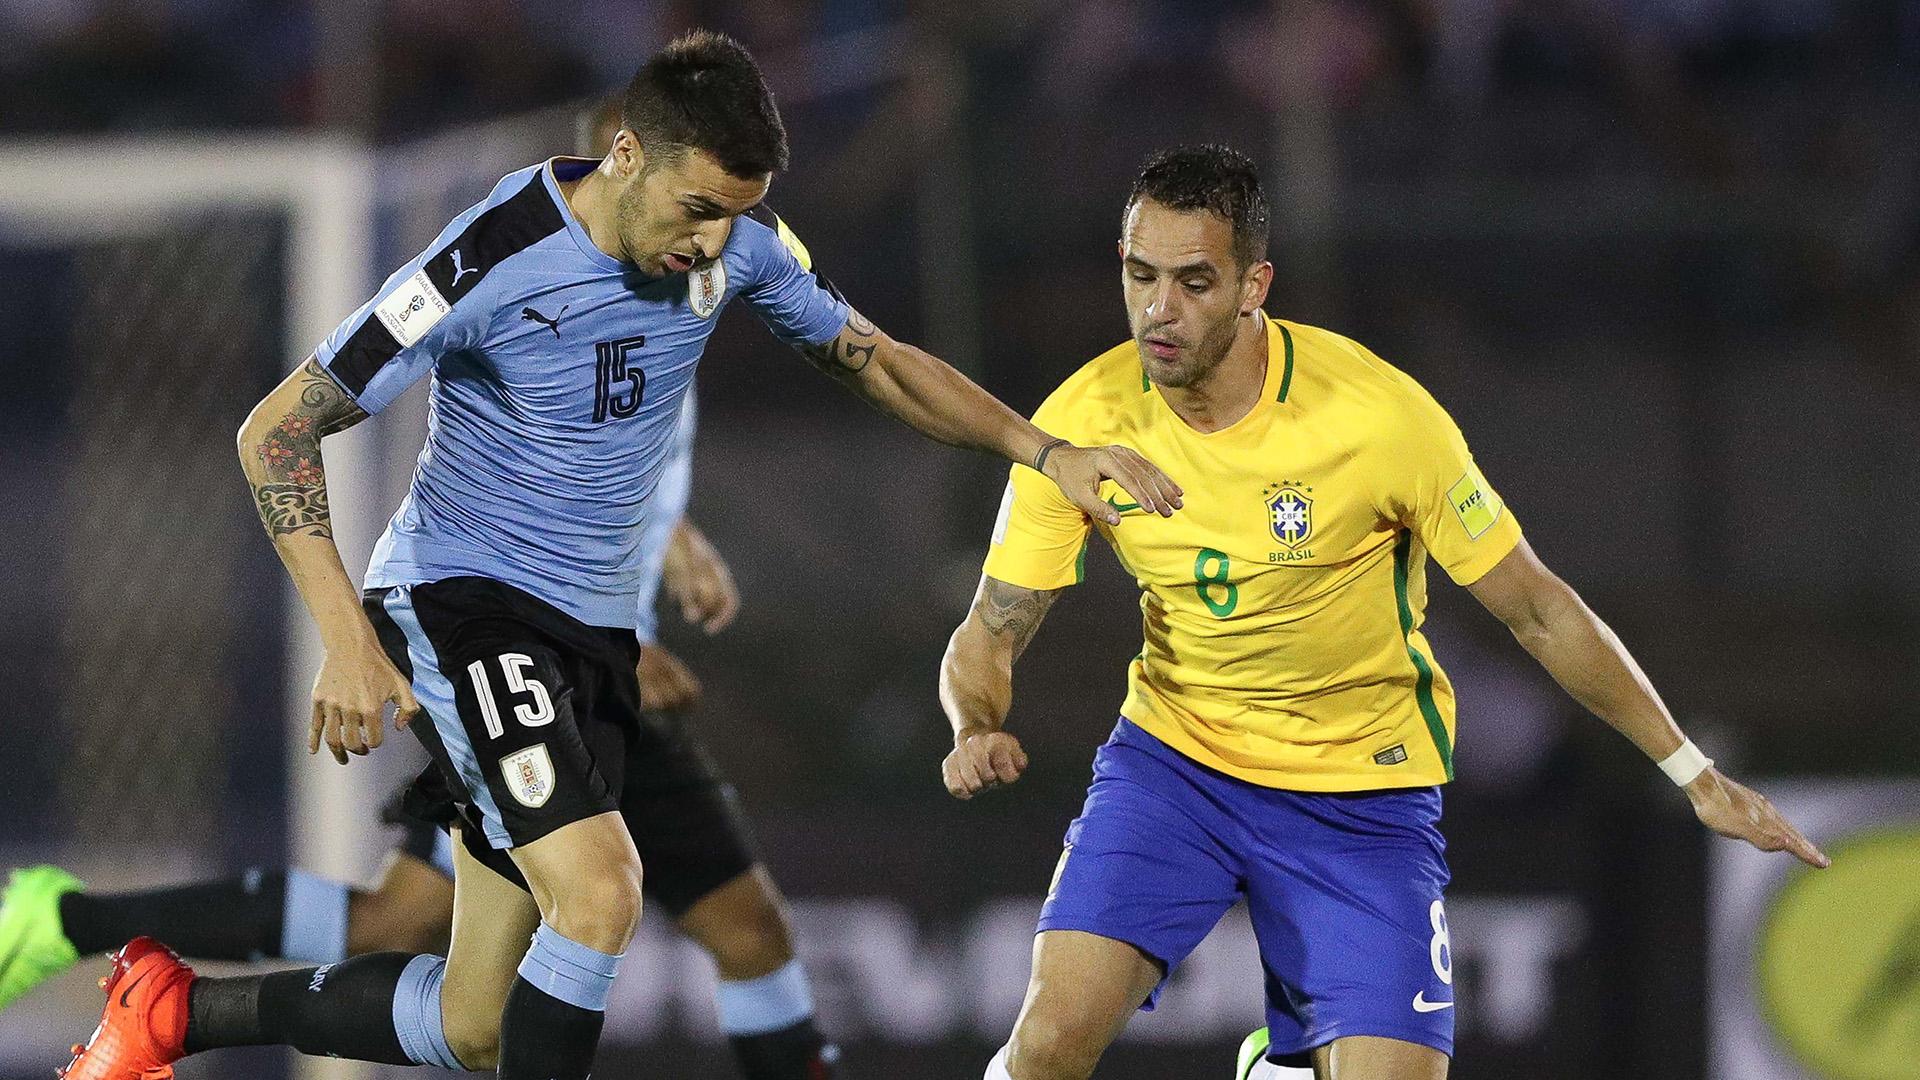 O Uruguai saiu na frente, mas o Brasil empatou o jogo ainda na primeira etapa (Crédito: Pedro Martins/MoWa Press)